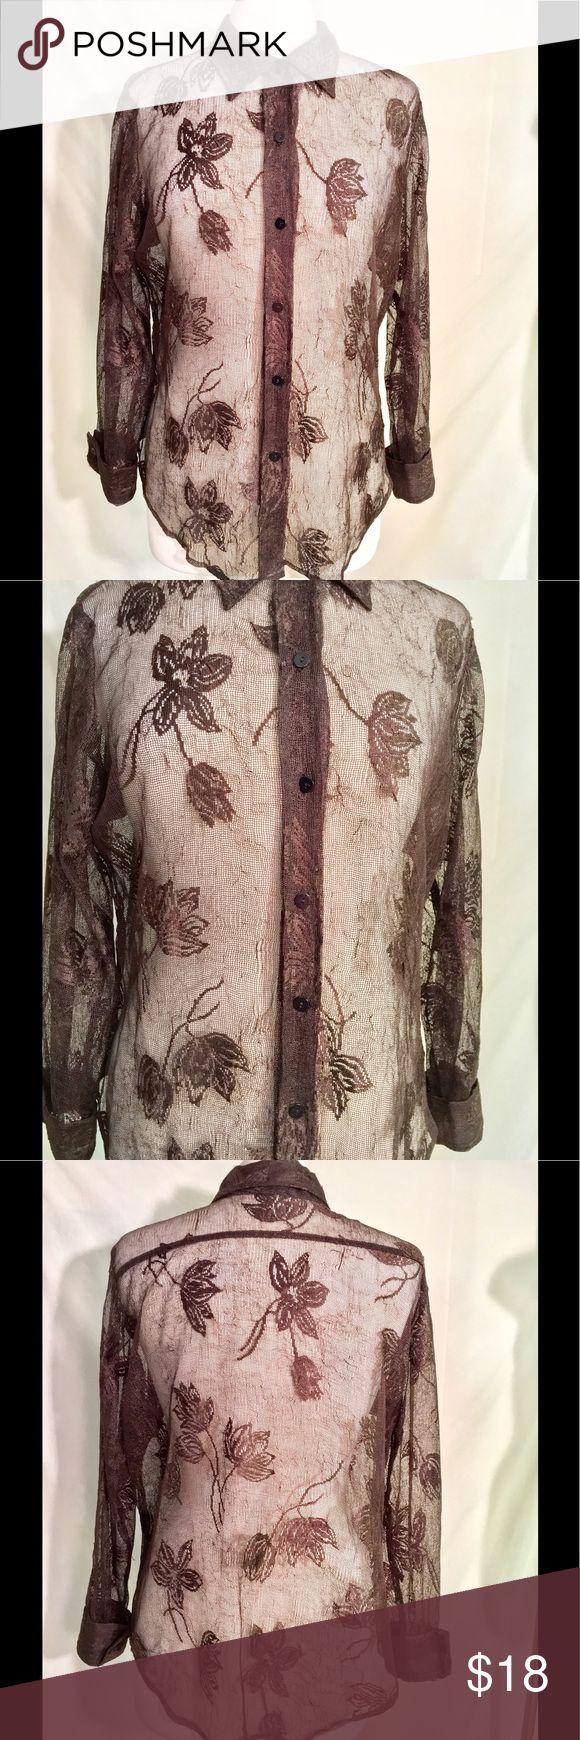 Karen Kane blouse Karen Kane blouse, sheer, button up front, size 14 Karen Kane Tops Blouses